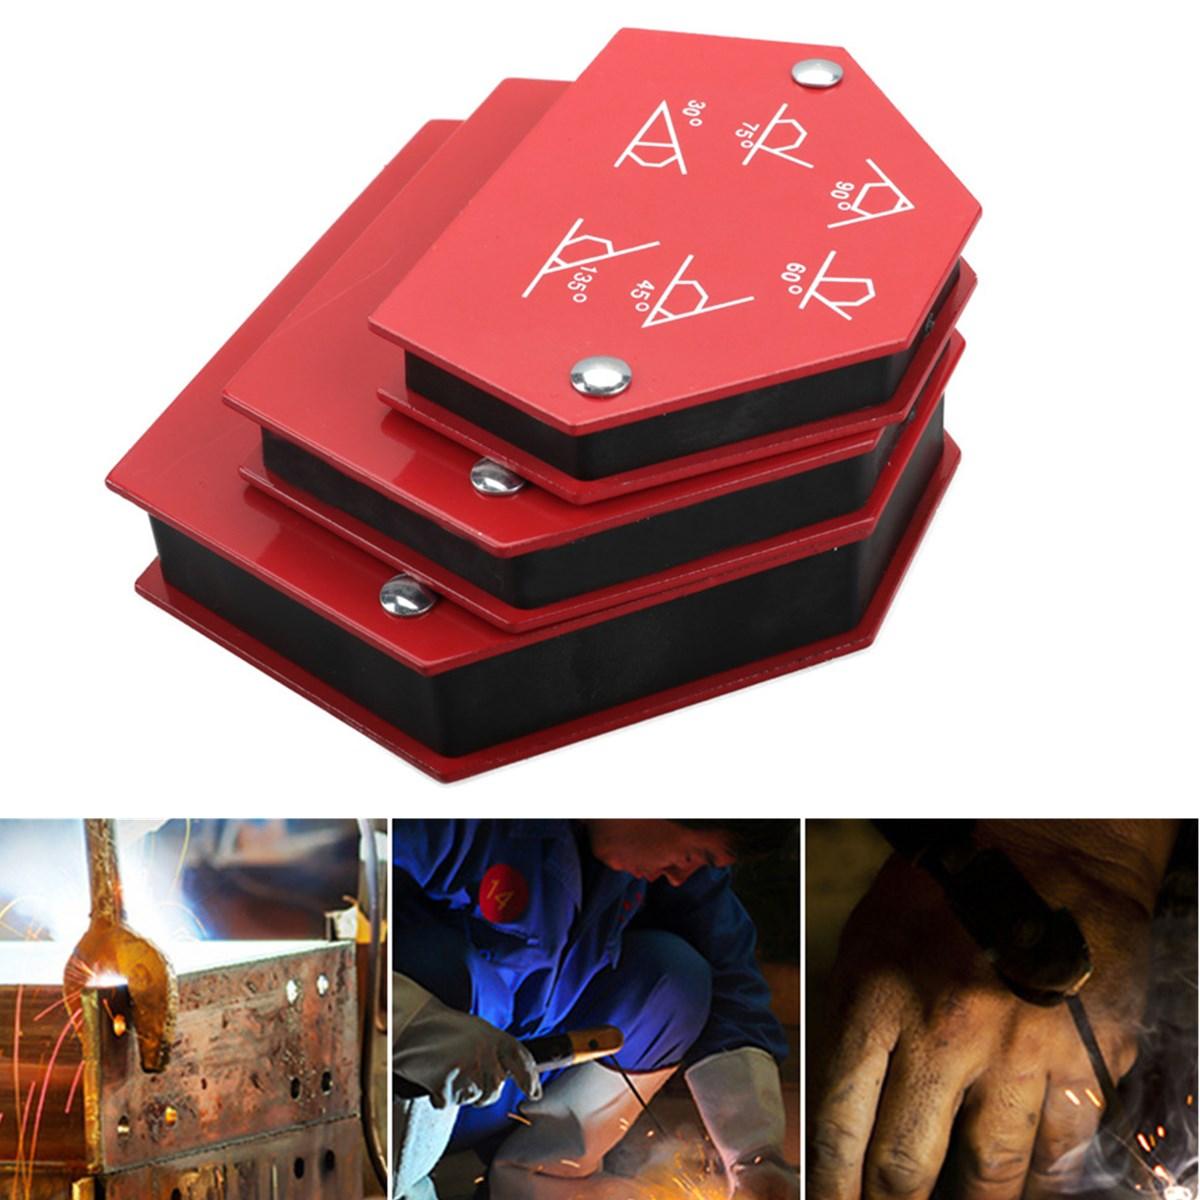 1pcs 50LBS Welding Locator Strong Magnet Weldering Positioner Power Soldering Fixture Magnetic Welding Holder Tool Accessories